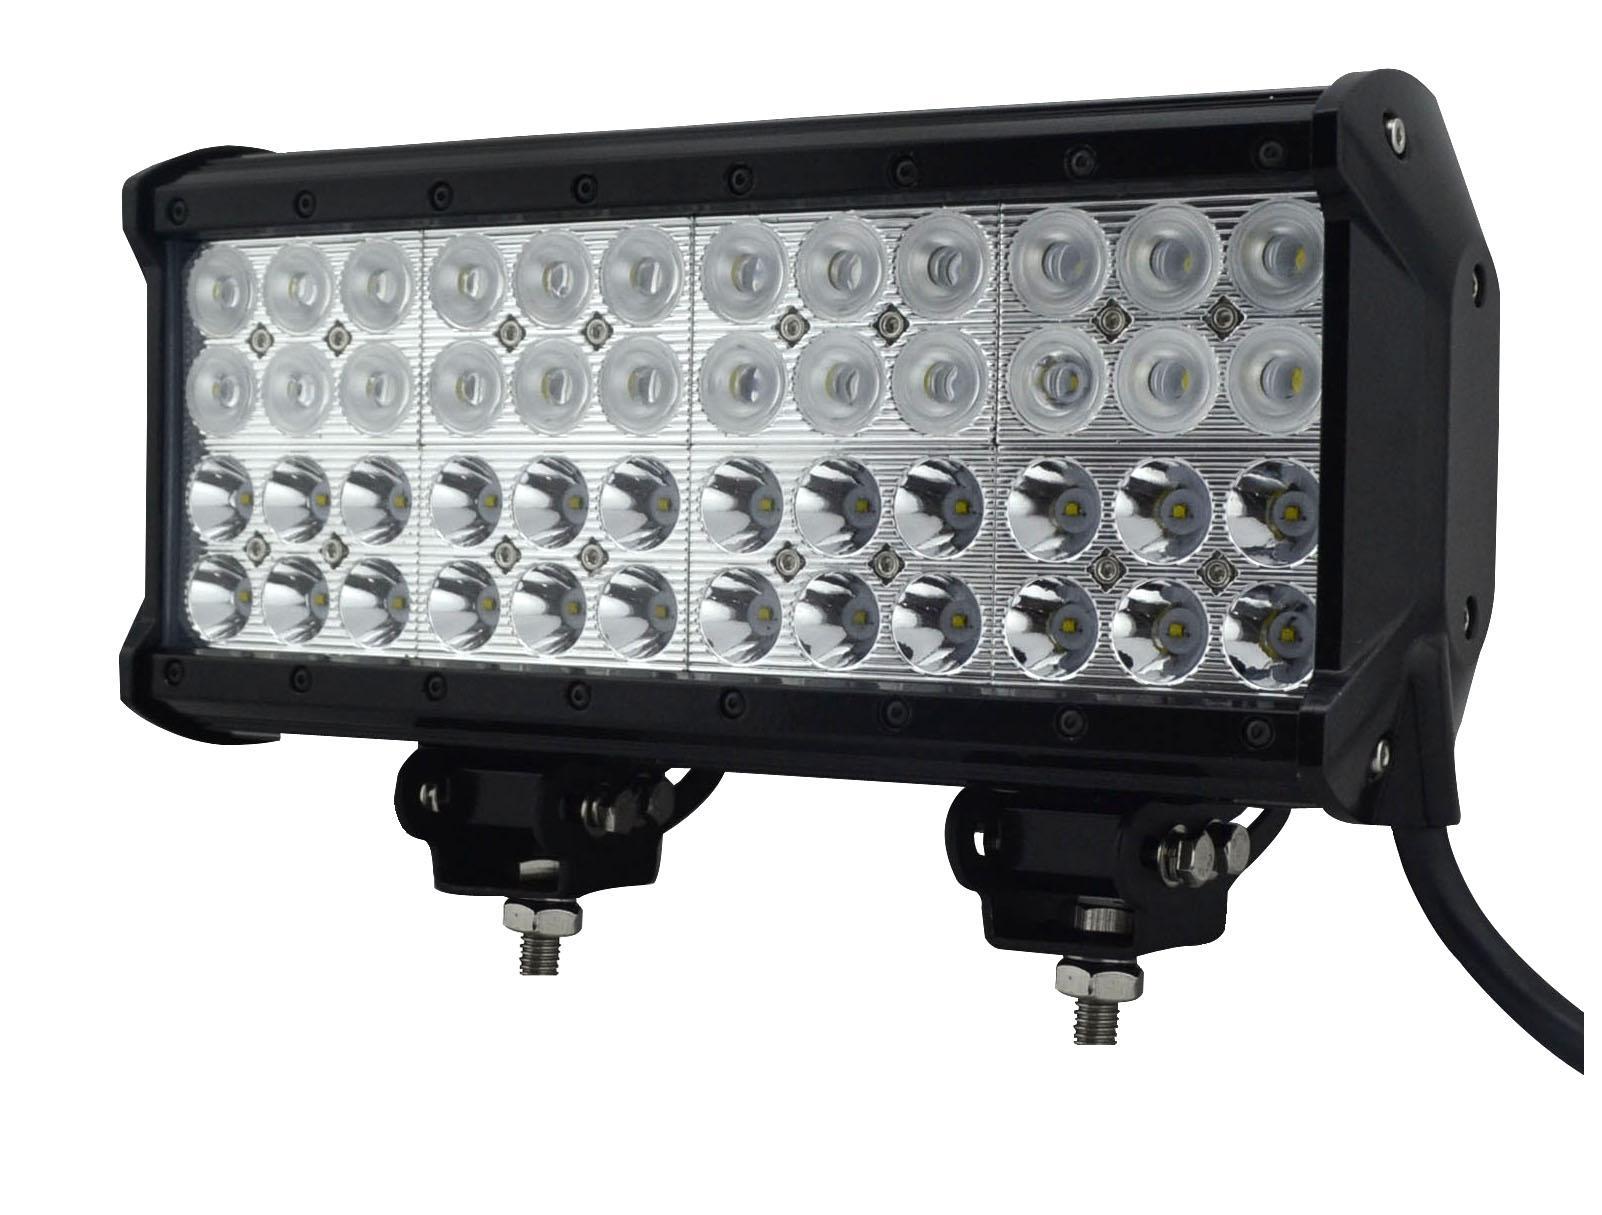 high qulity 12 inch 144w quad row led light barr led lights for cars fog light led 12v flood light led light bar led lights for cars off road led light bar